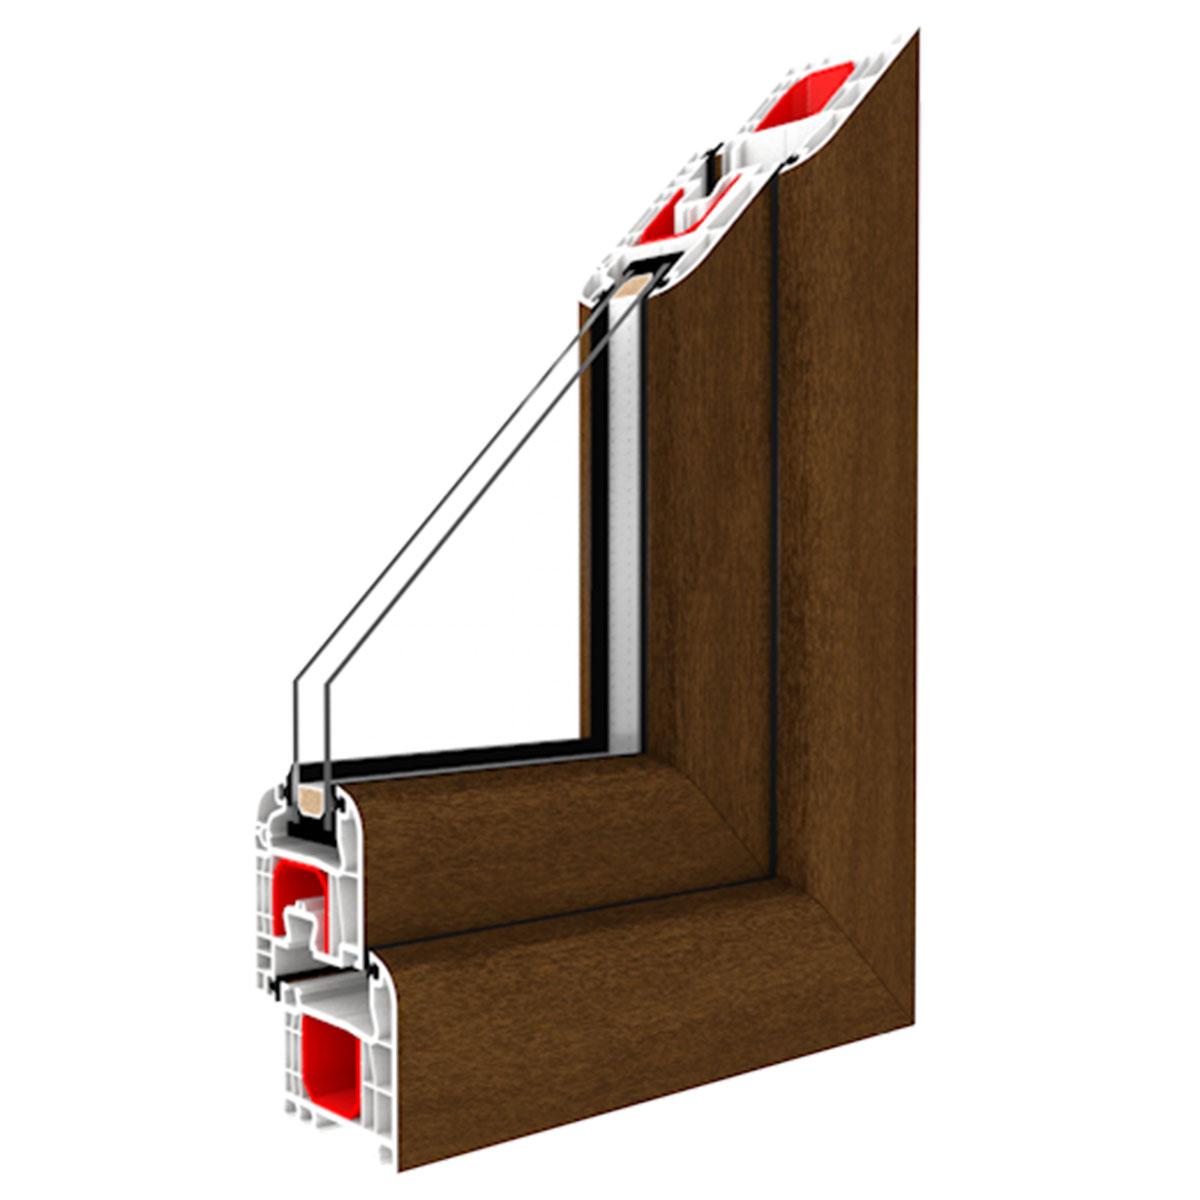 kunststofffenster bauelemente martin heinrich. Black Bedroom Furniture Sets. Home Design Ideas